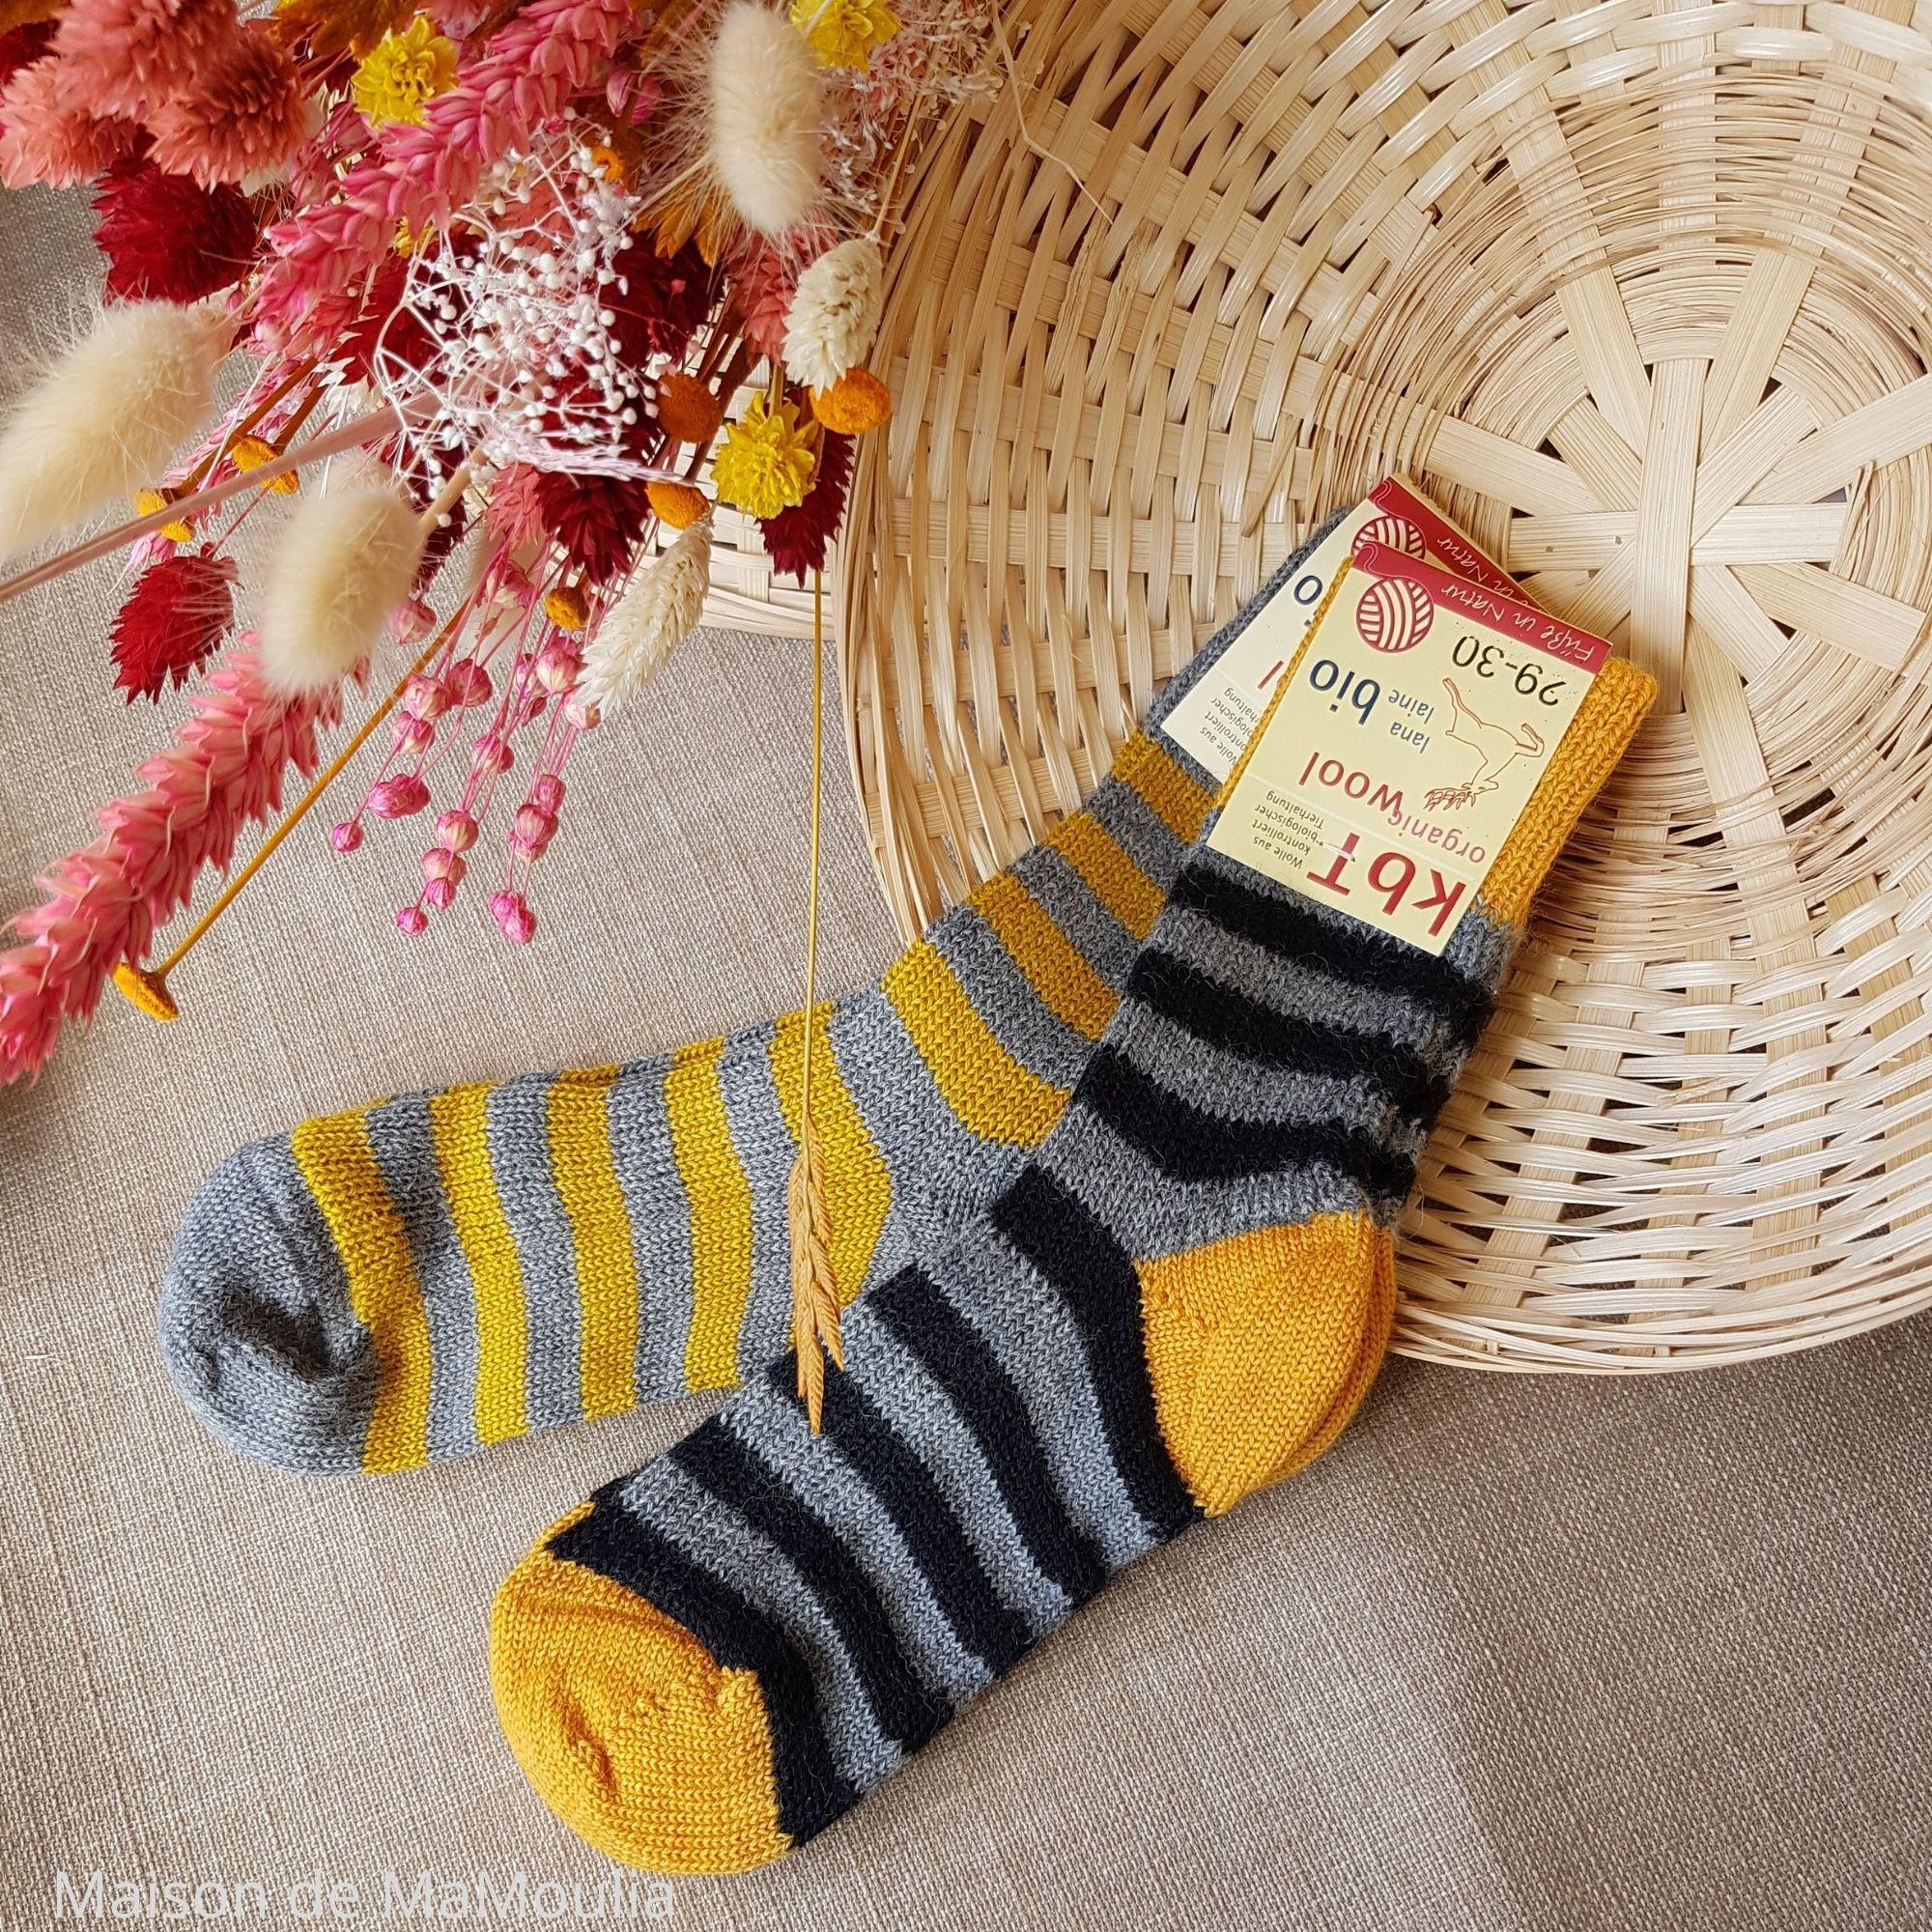 HIRSCH Natur - Chaussettes épaisses - Rayures- 100% laine -Enfant